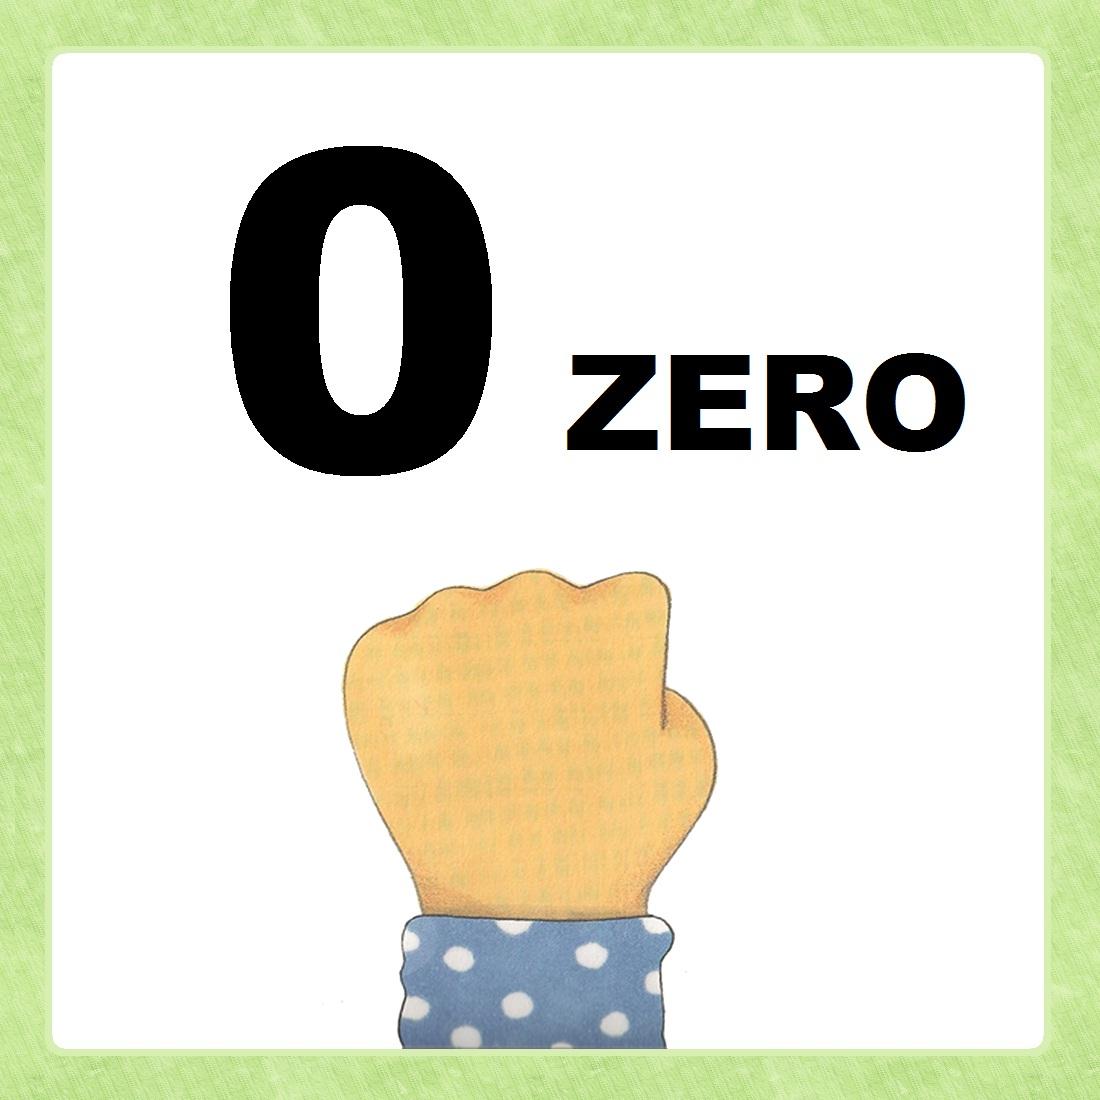 imagens do numeral zero colorido